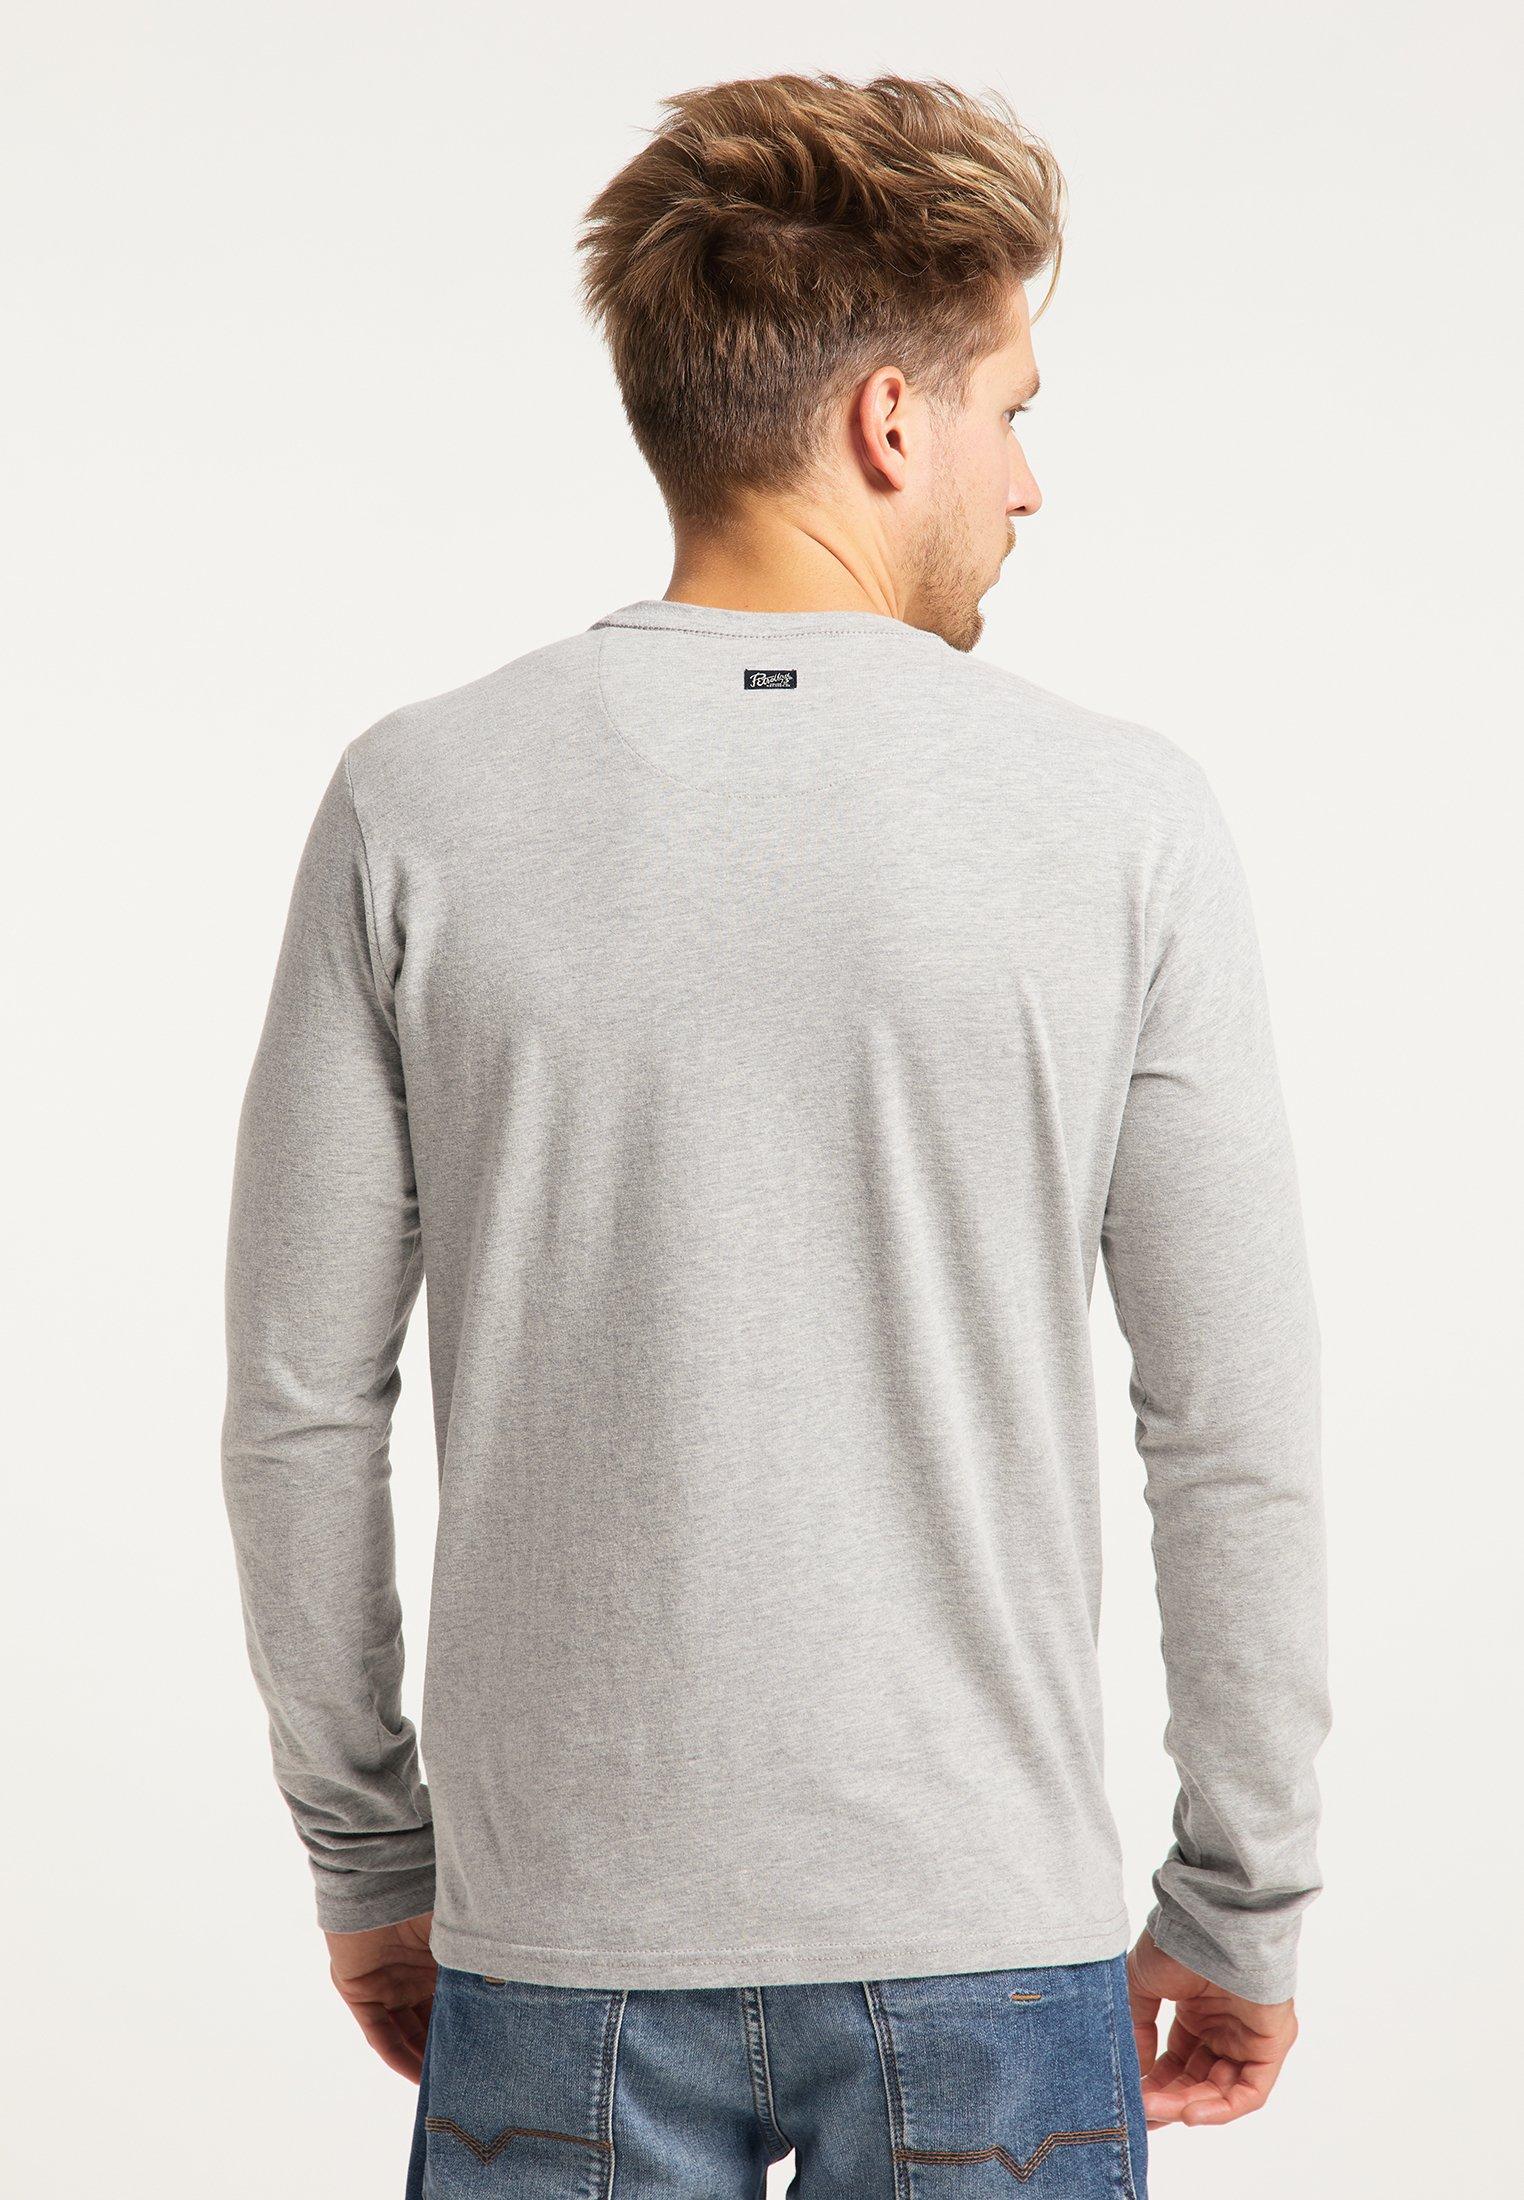 Petrol Industries Long sleeved top - light grey melee 9tVVk